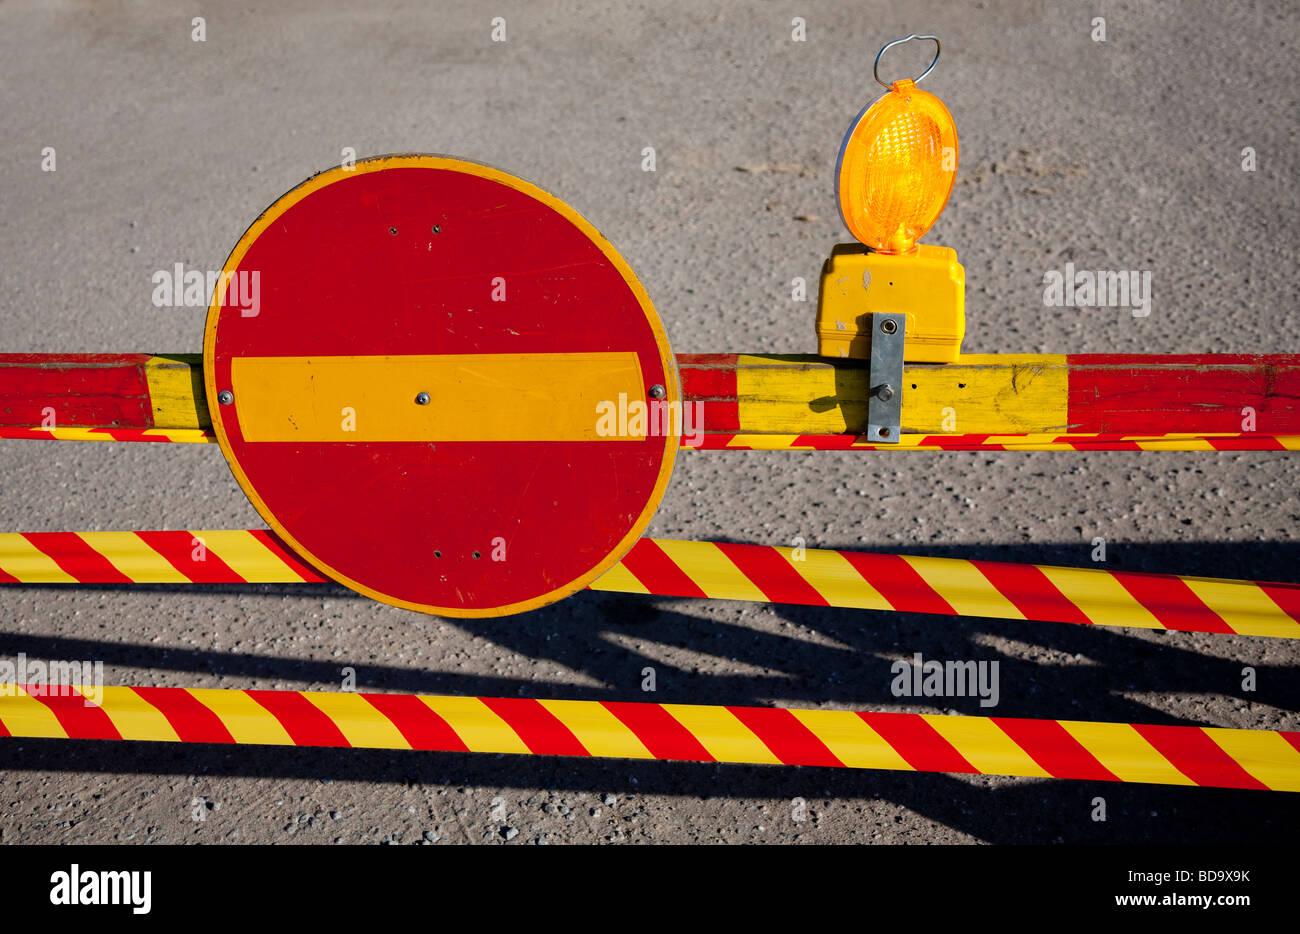 Travaux routiers à témoin site plus de trafic finlandais ( pas d'entrée ) Banque D'Images